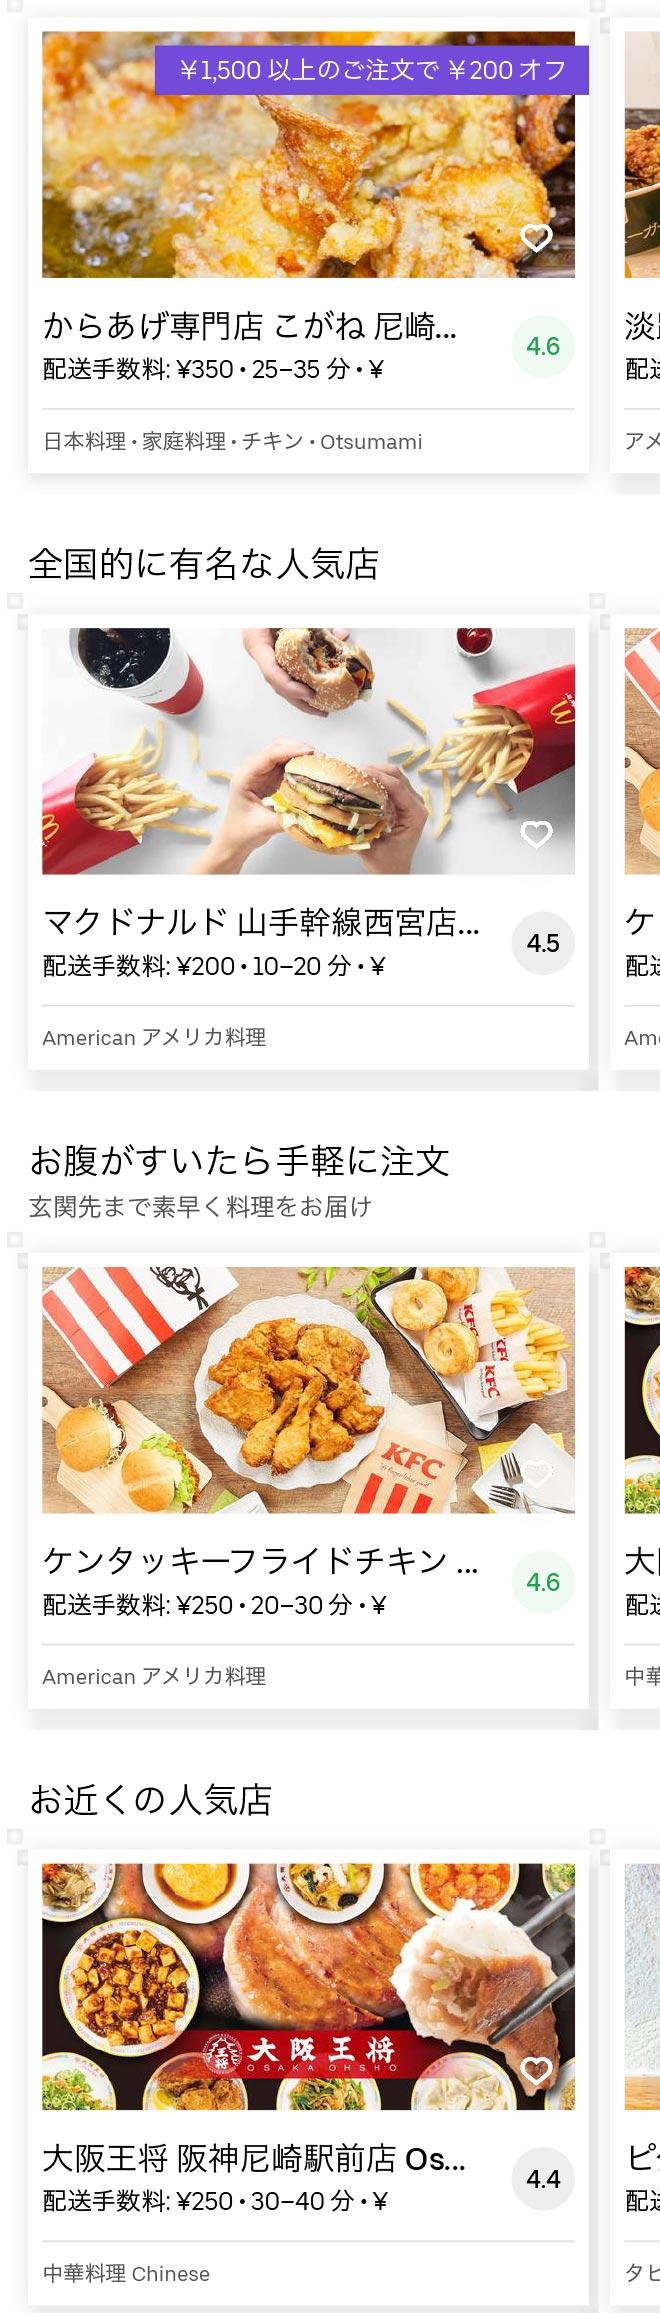 Nishinomiya koshien menu 2005 01